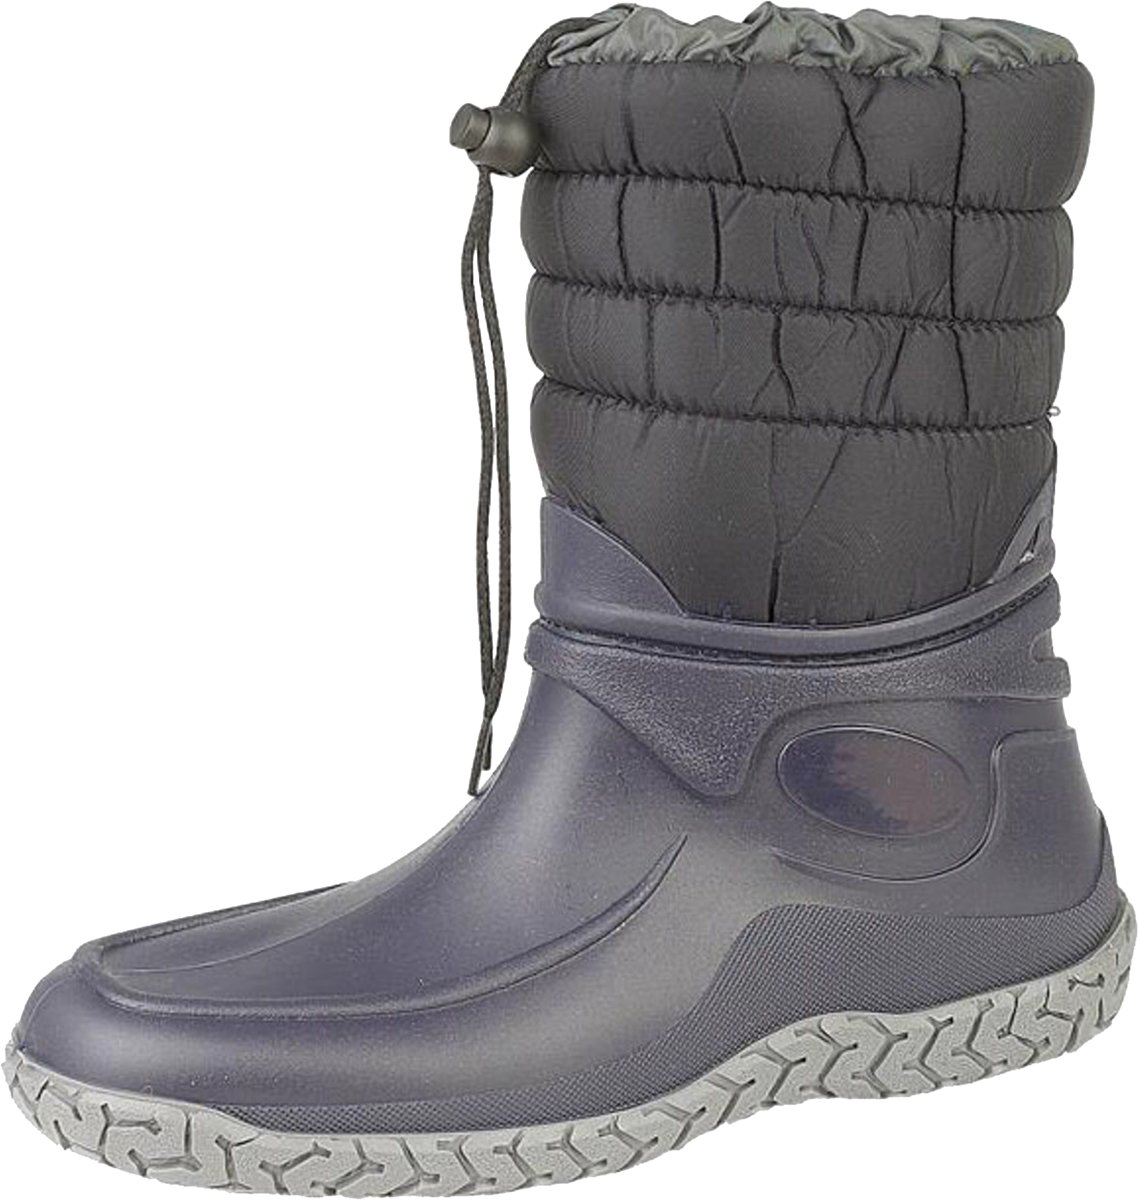 Slush Mirak Warmlined Damen Stiefel, wasserdicht, Warm, für Winter, schneesicher Welly Schuhe, Blau - Dunkelblau - Größe: 41.5